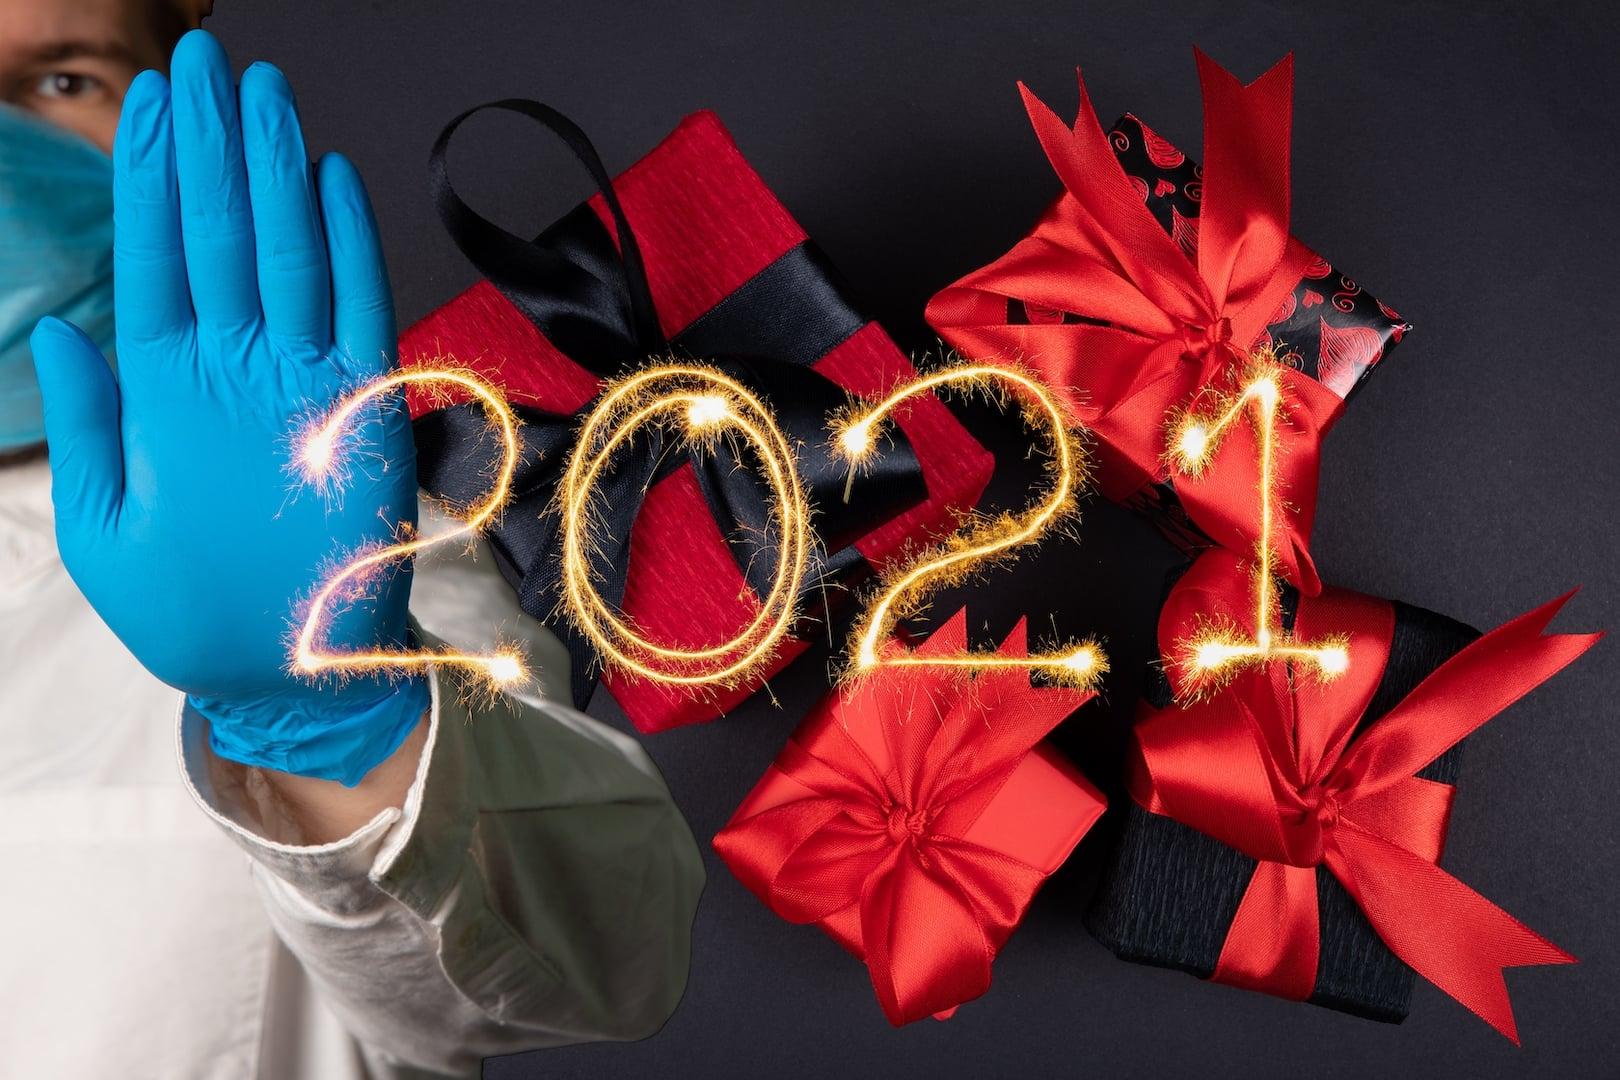 Bonne année 2021 de la part de Mediacom87